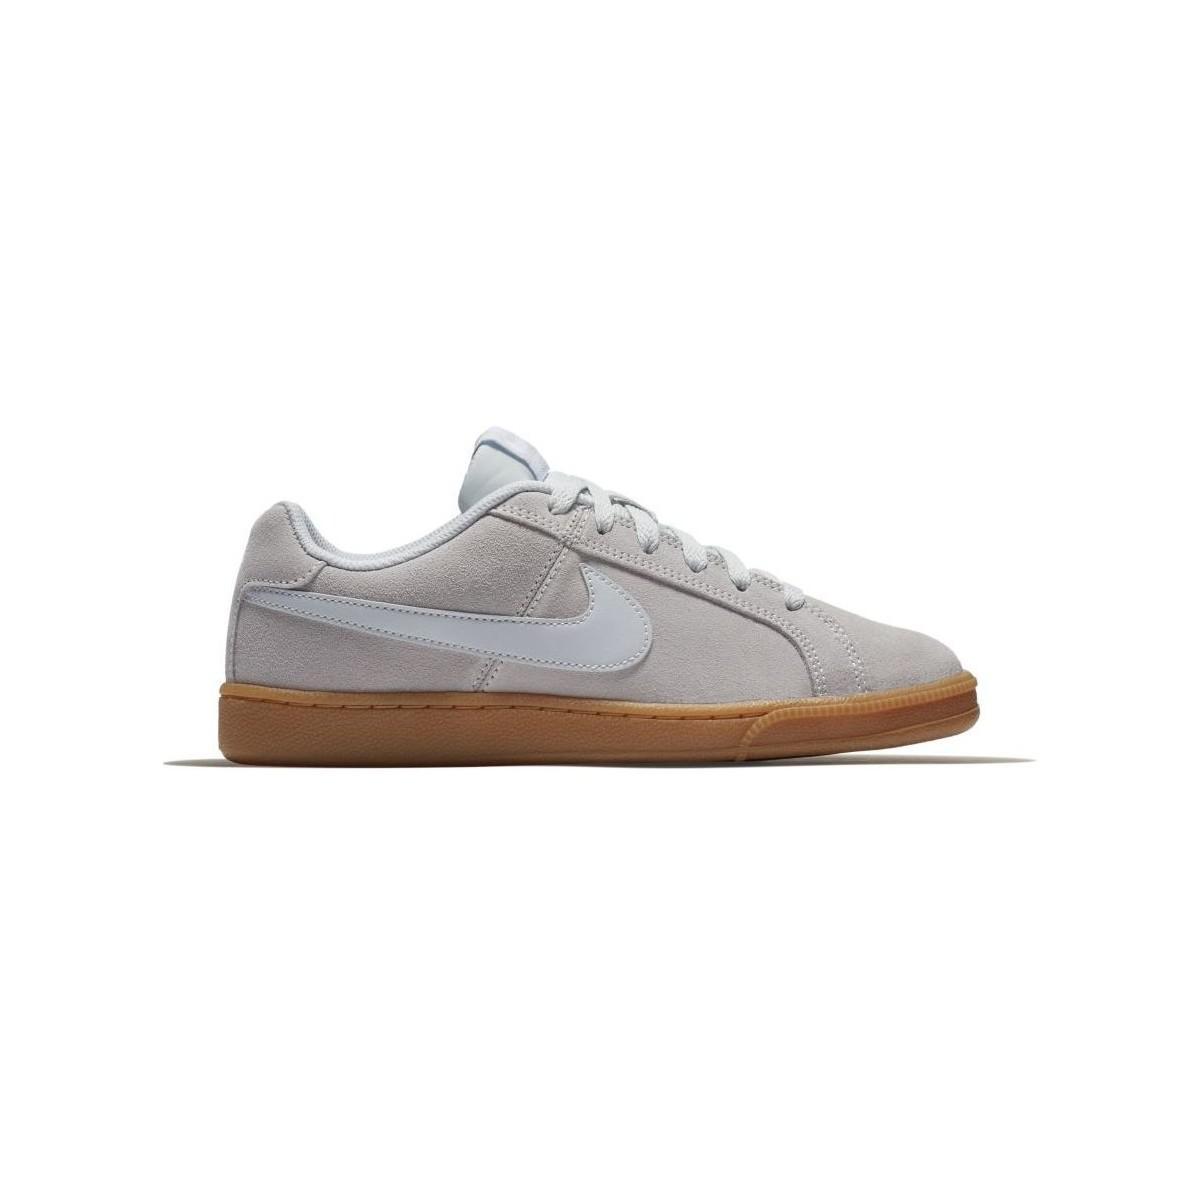 le scarpe nike corte royale camoscio scarpe da donna (allenatori)